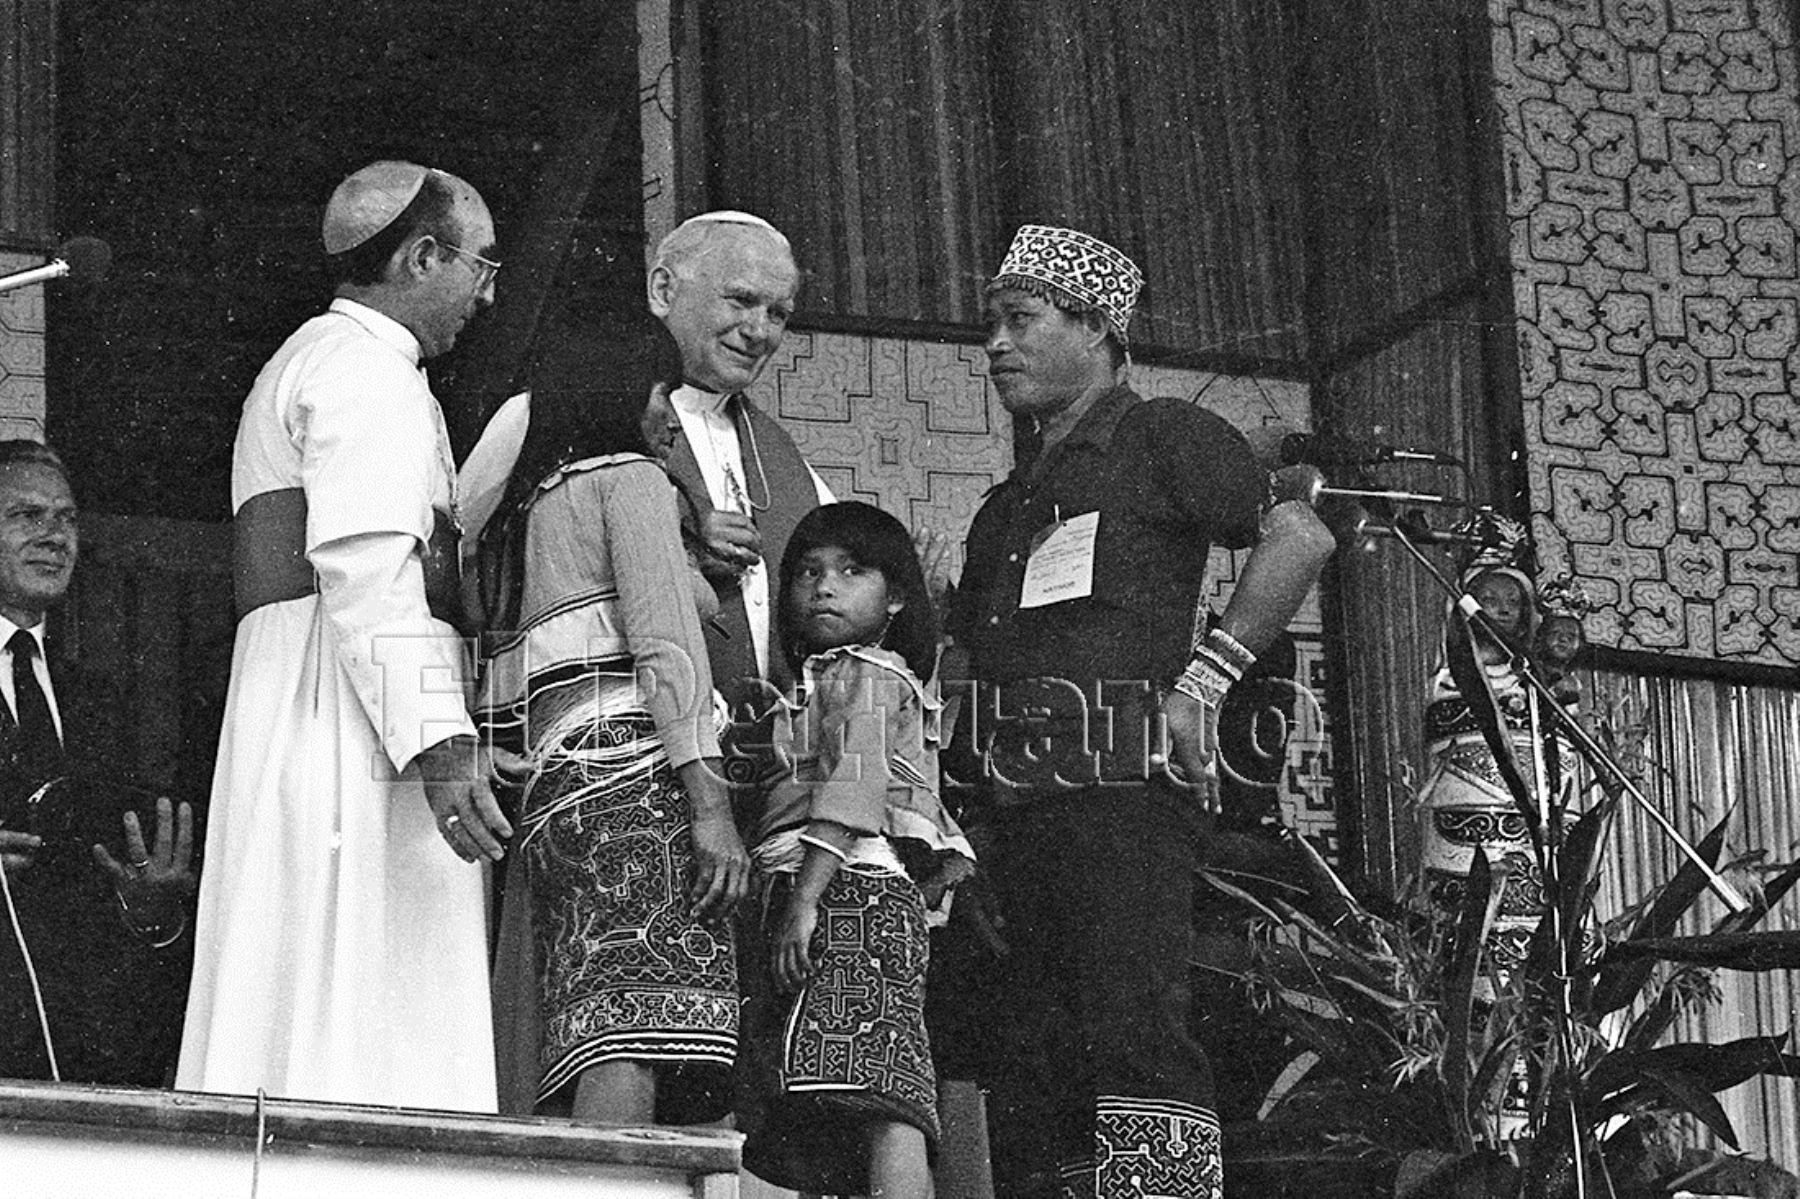 Iquitos (1985) Miembros de una comunidad nativa se acercan para breve diálogo con Juan Pablo II.